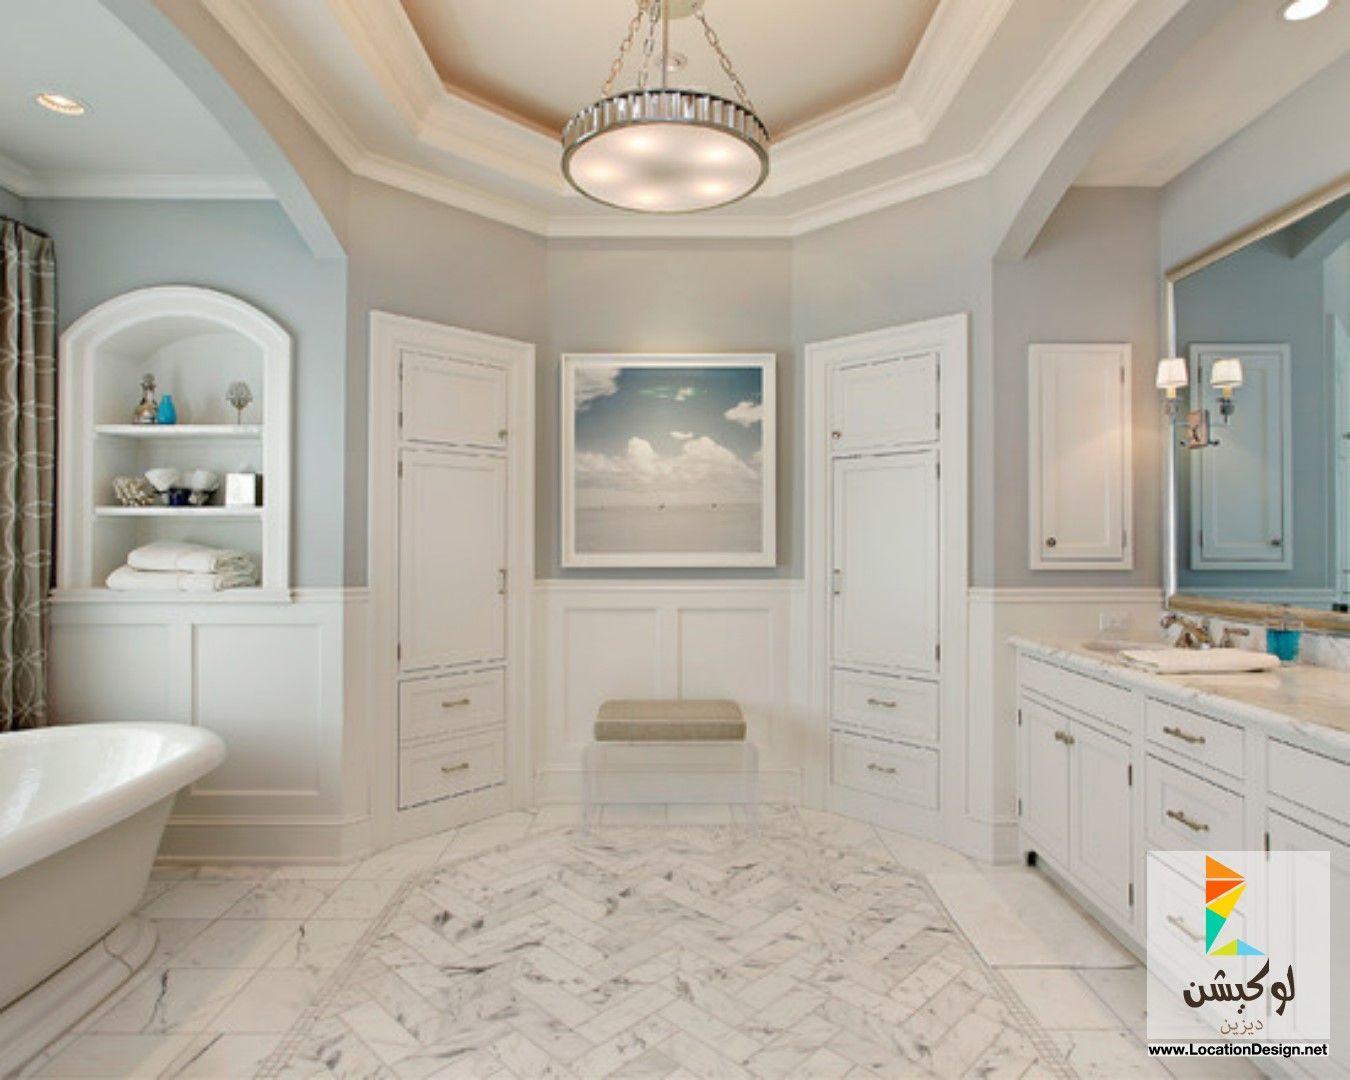 Traditional Bathroom Designs 2014 Master Bathroom Designs 2014 ...